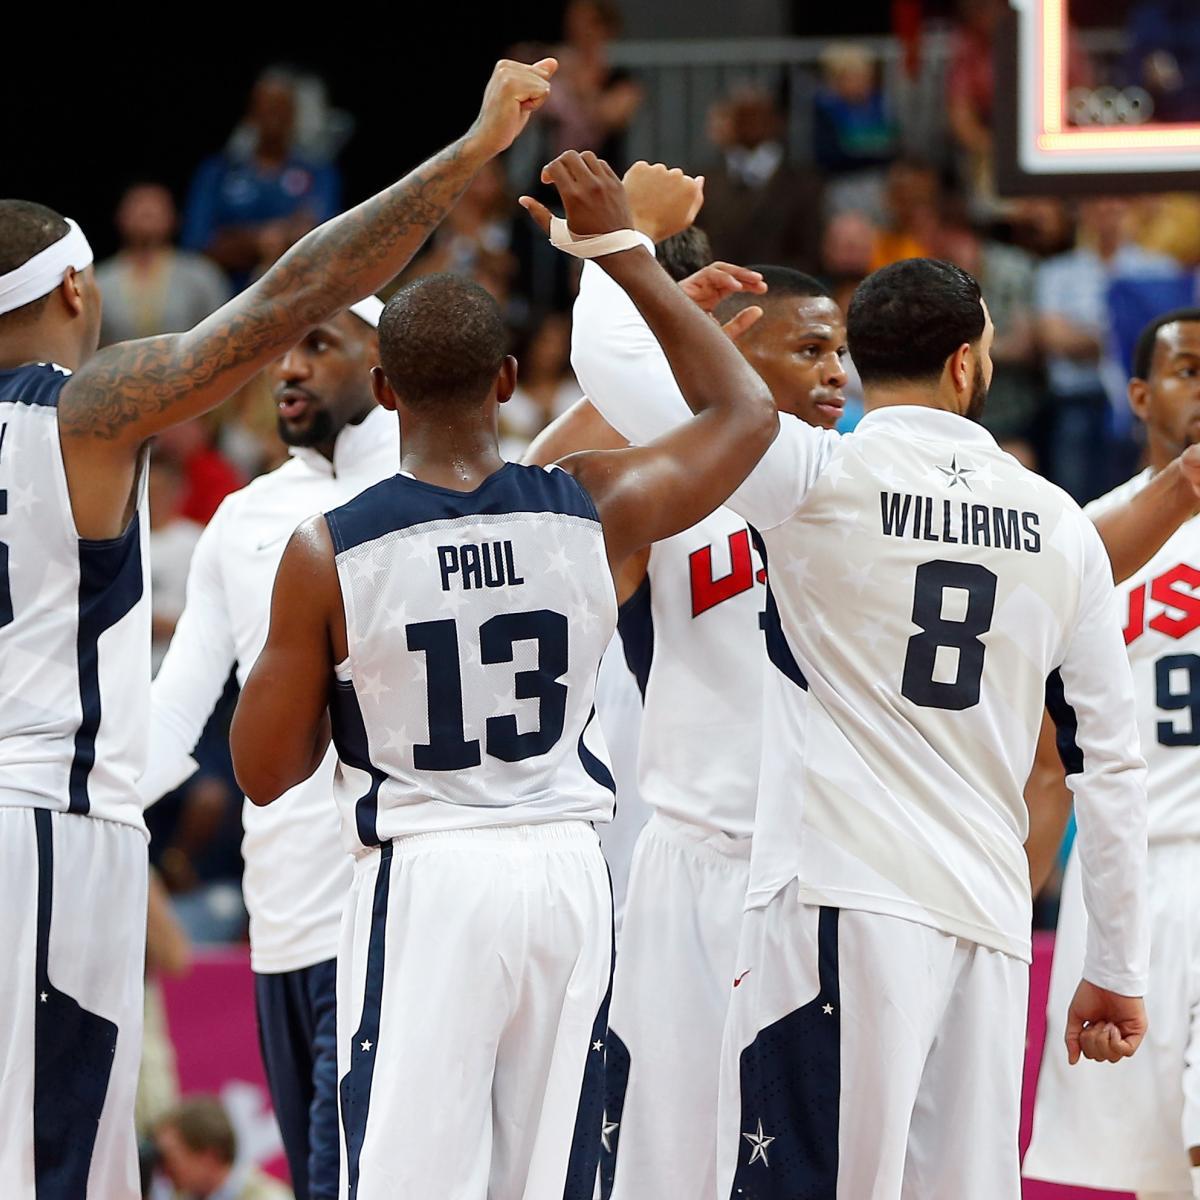 ou mens basketball team - HD1222×817